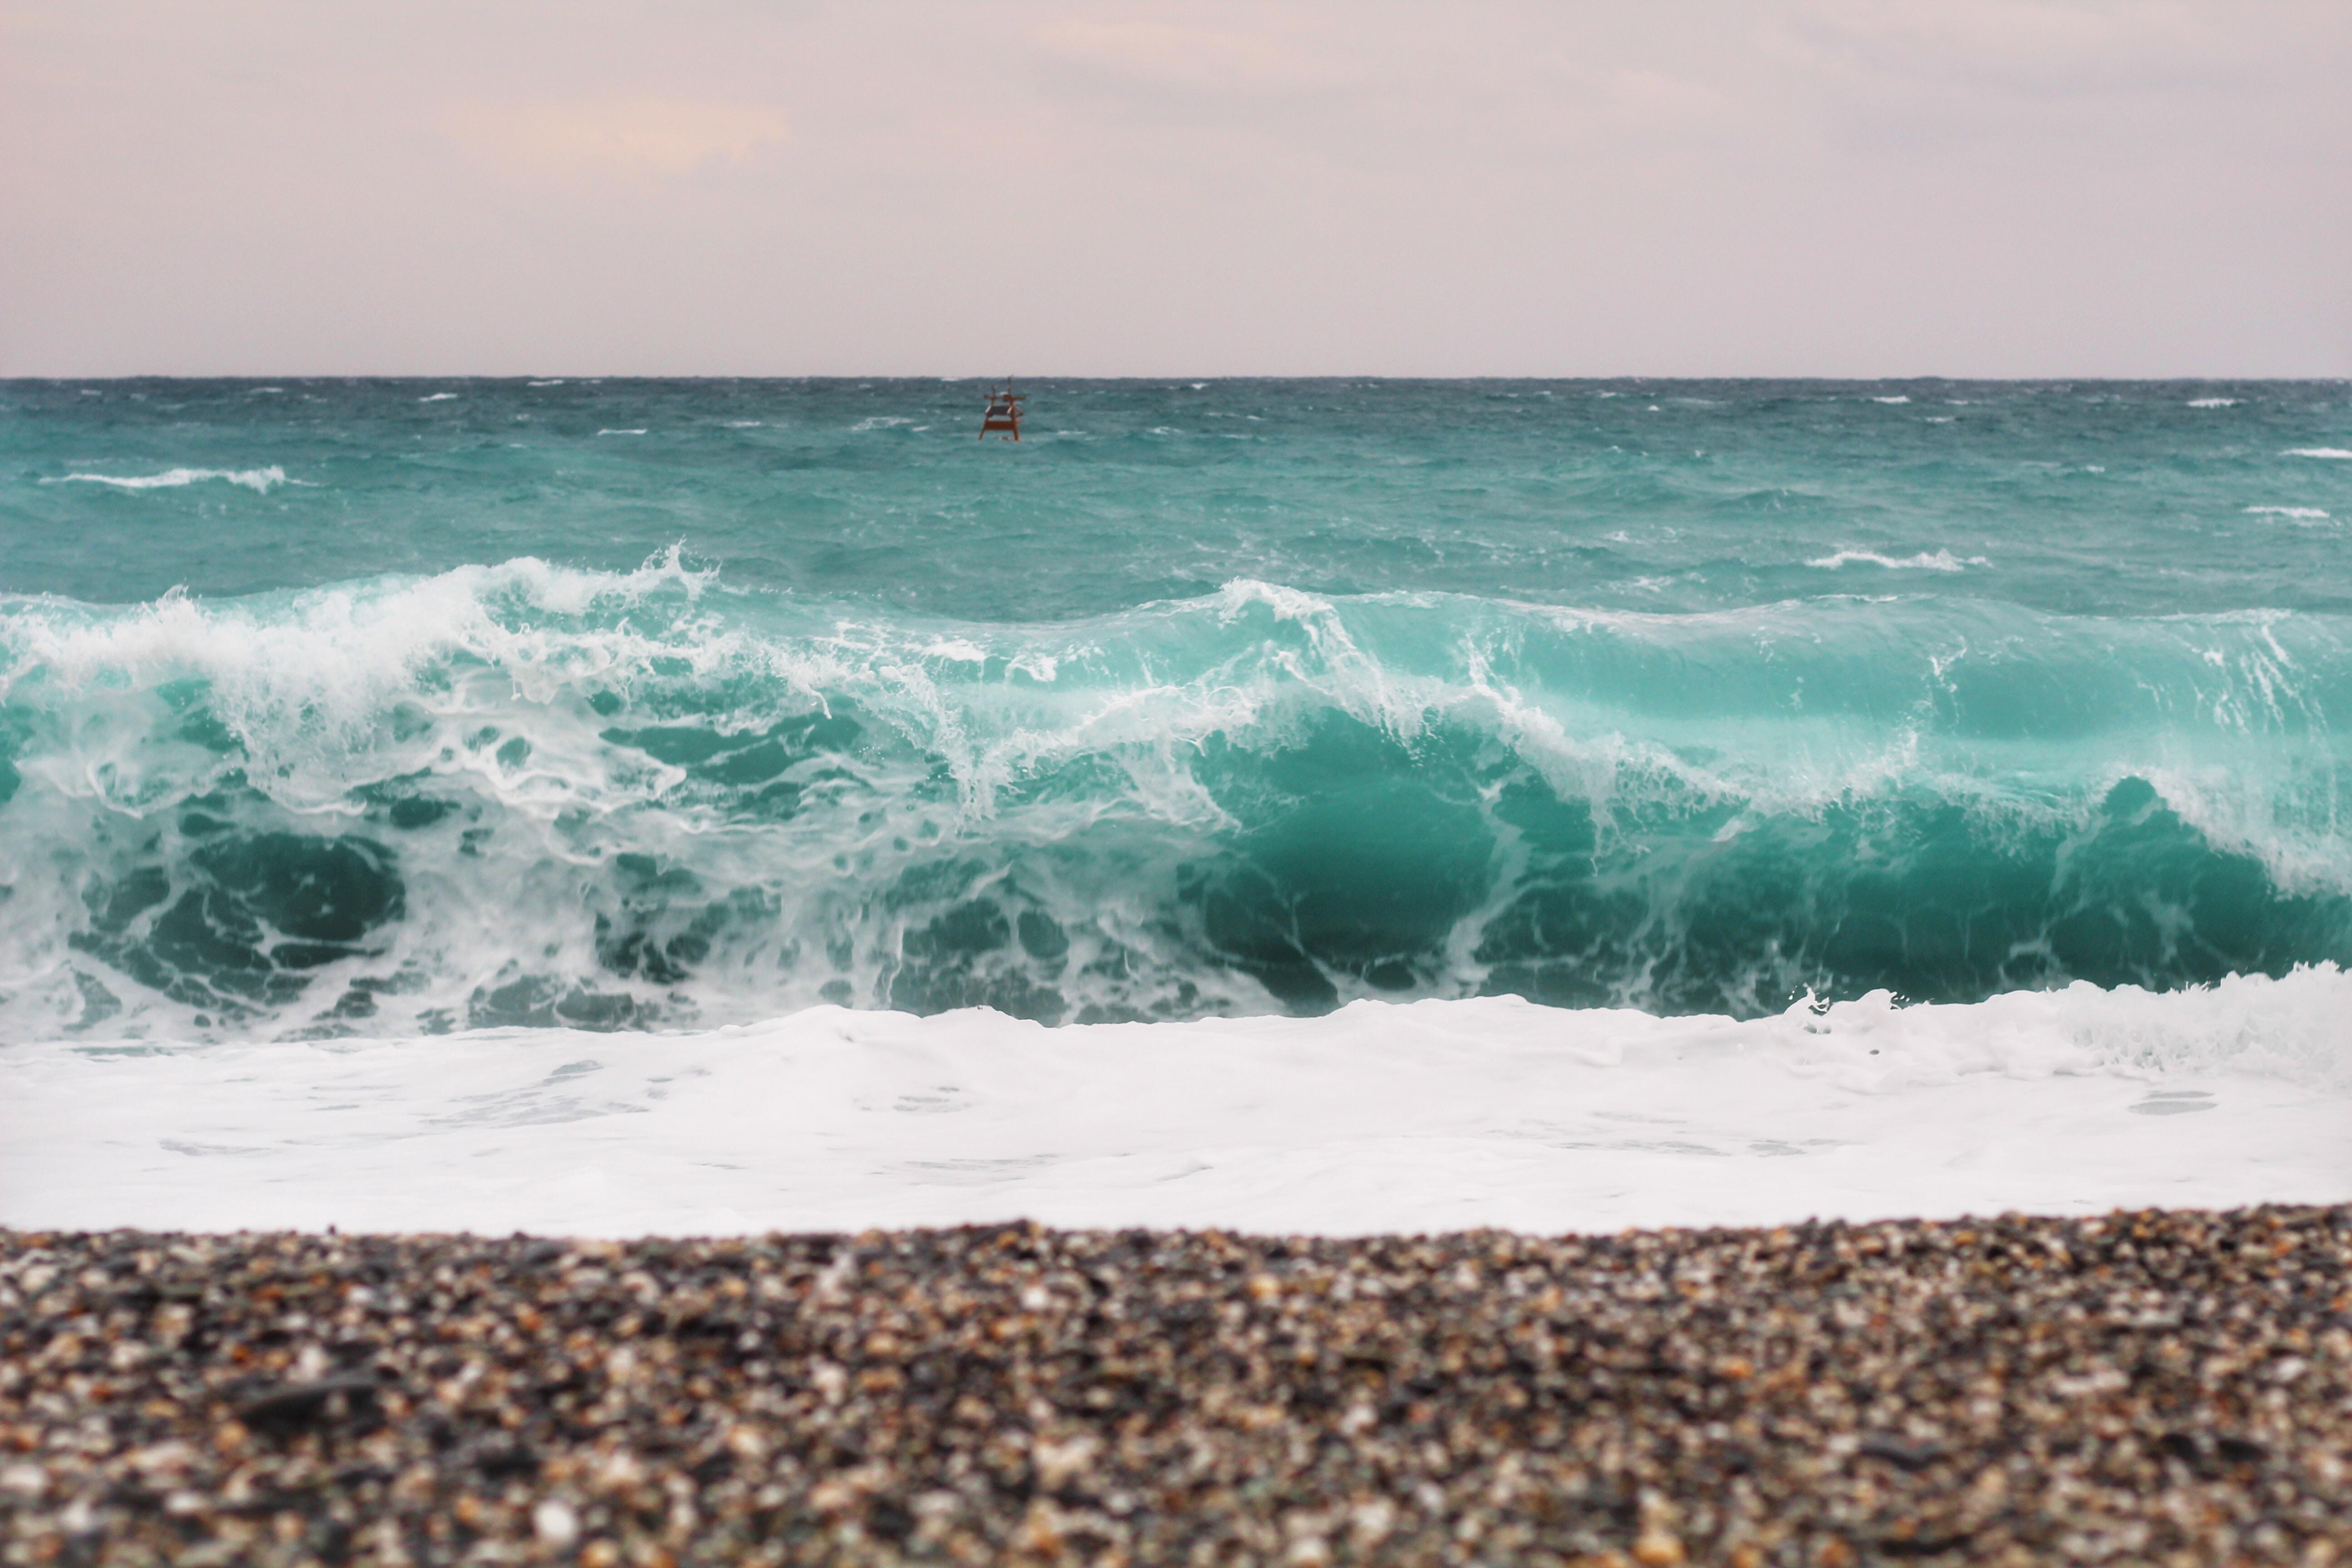 ocean waves during daytime